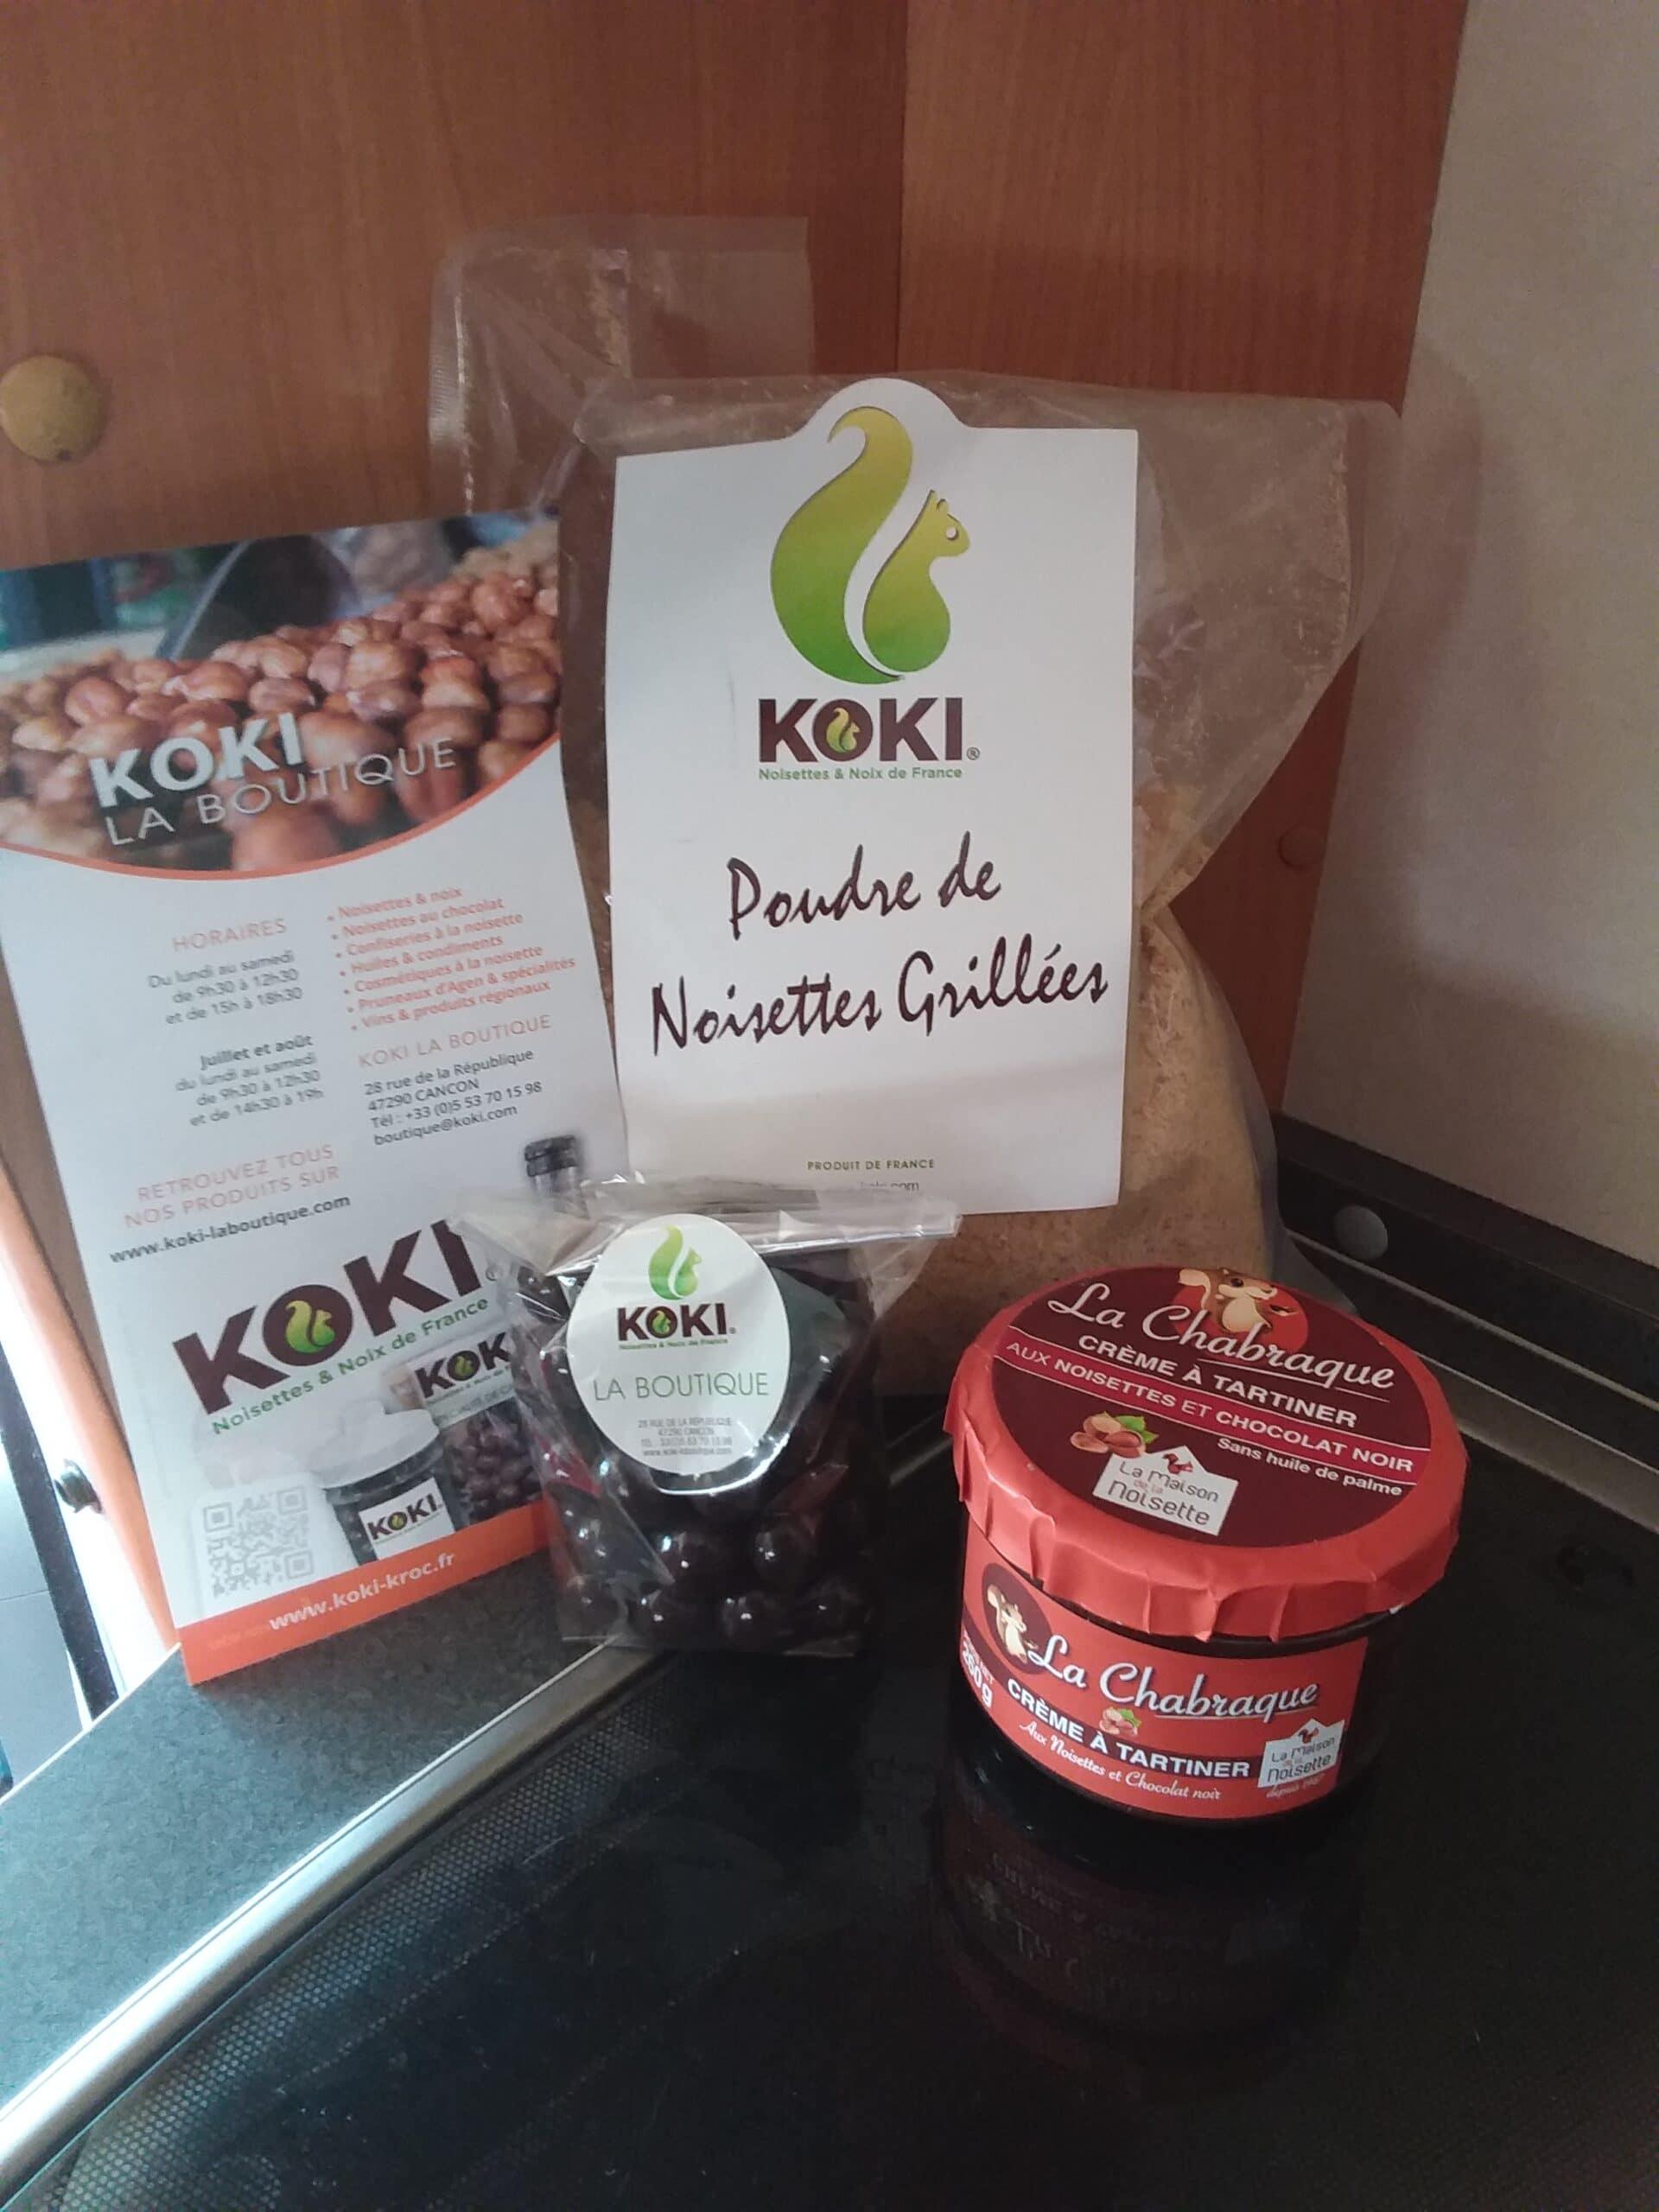 Koki, spécialités du Lot-et-Garonne à base de noisettes